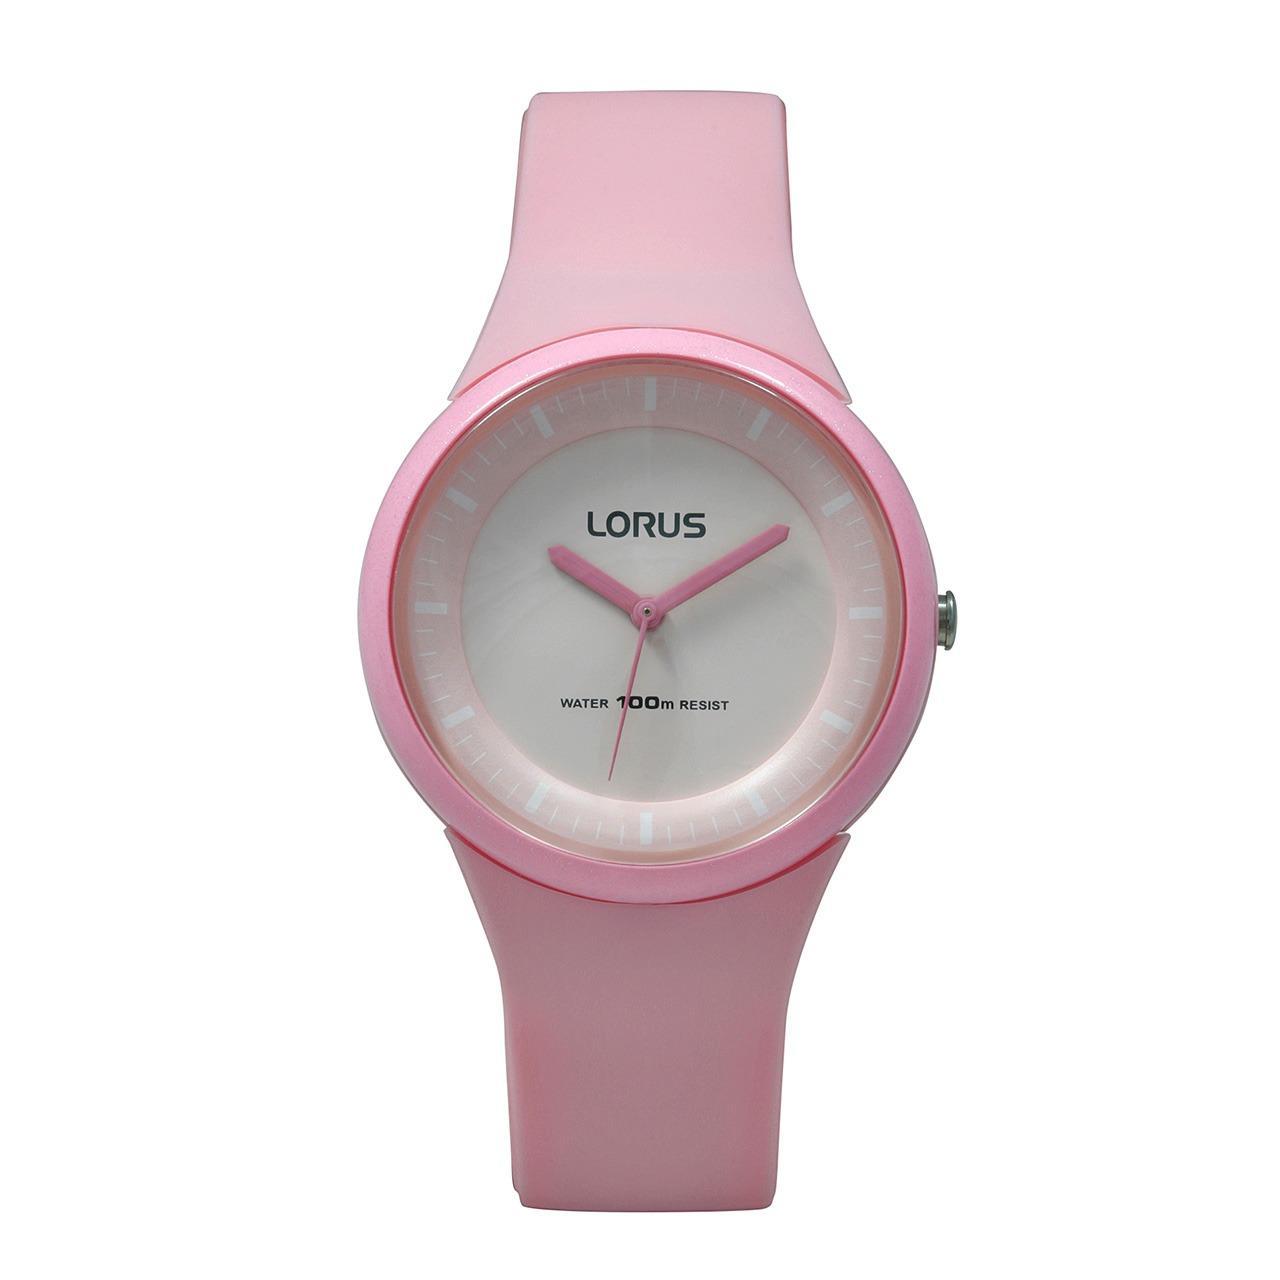 LORUS Jam Tangan - Pink - Silicon - RRX25FX9